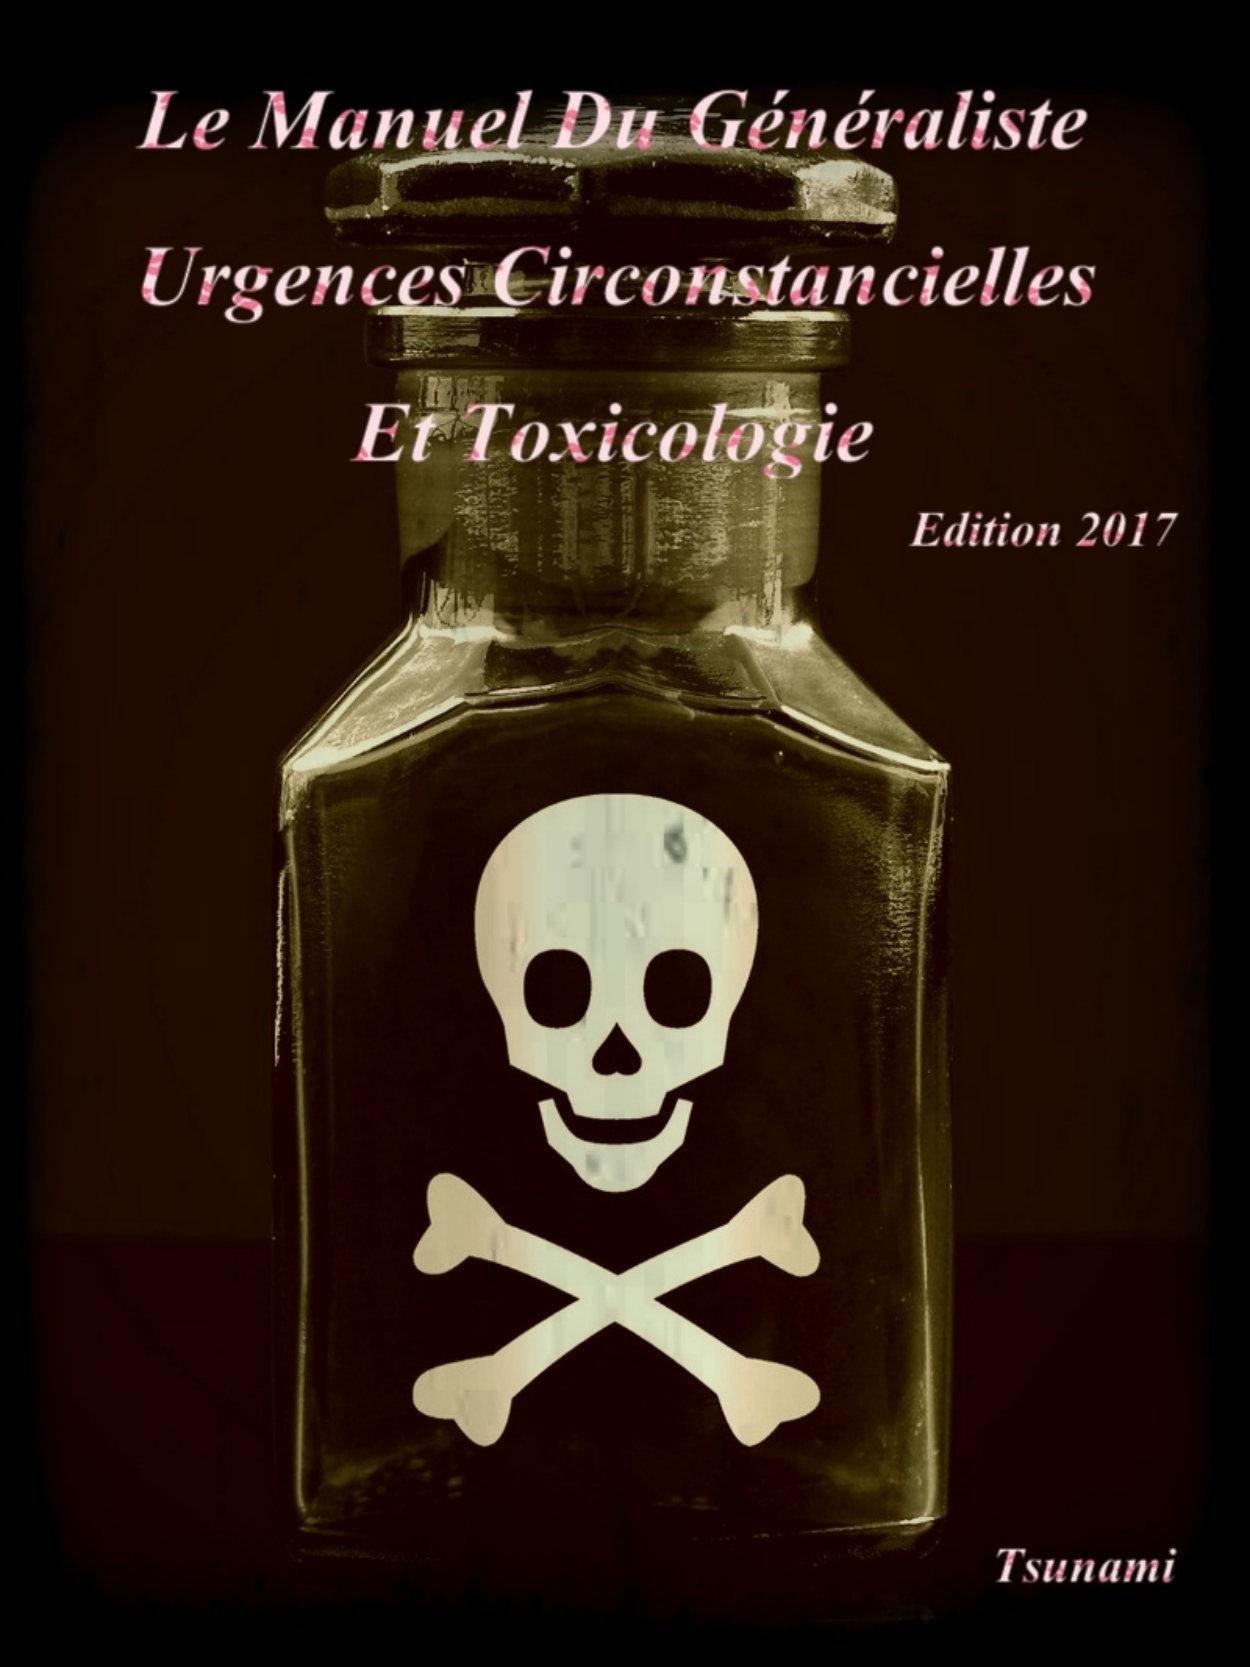 Urgences Circonstancielles et Toxicologie : Le manuel du généraliste 2017. Tsunami